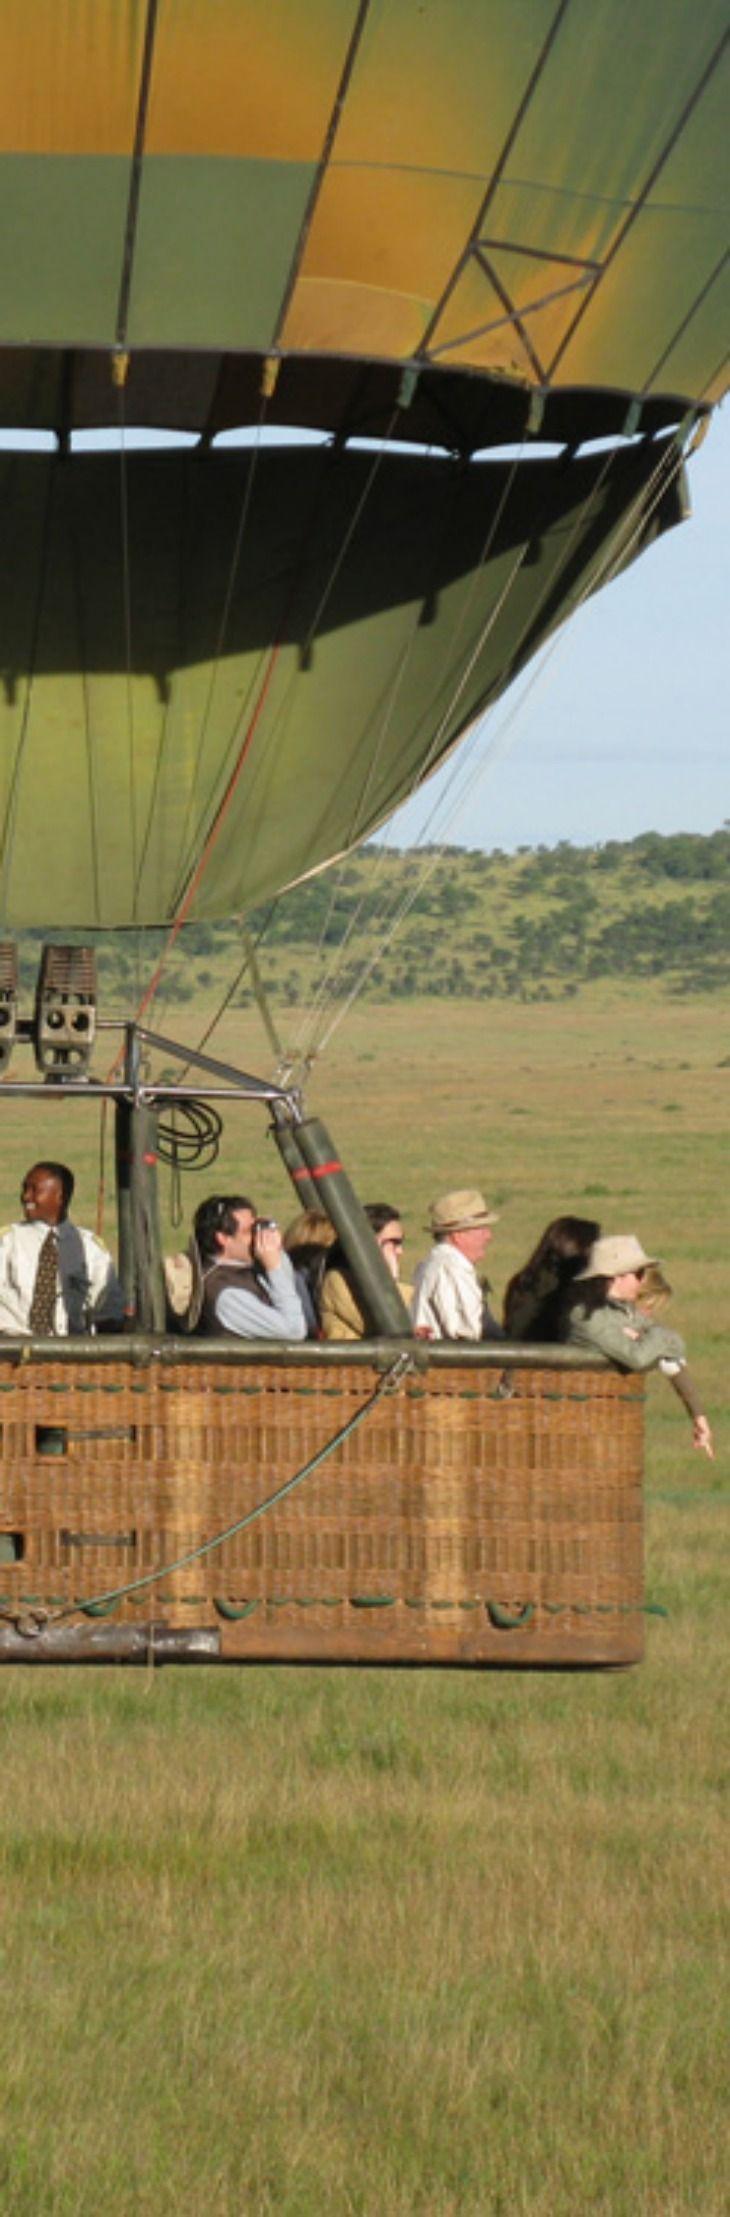 手机壳定制free run running shoes women African Hot Air Balloon Safari